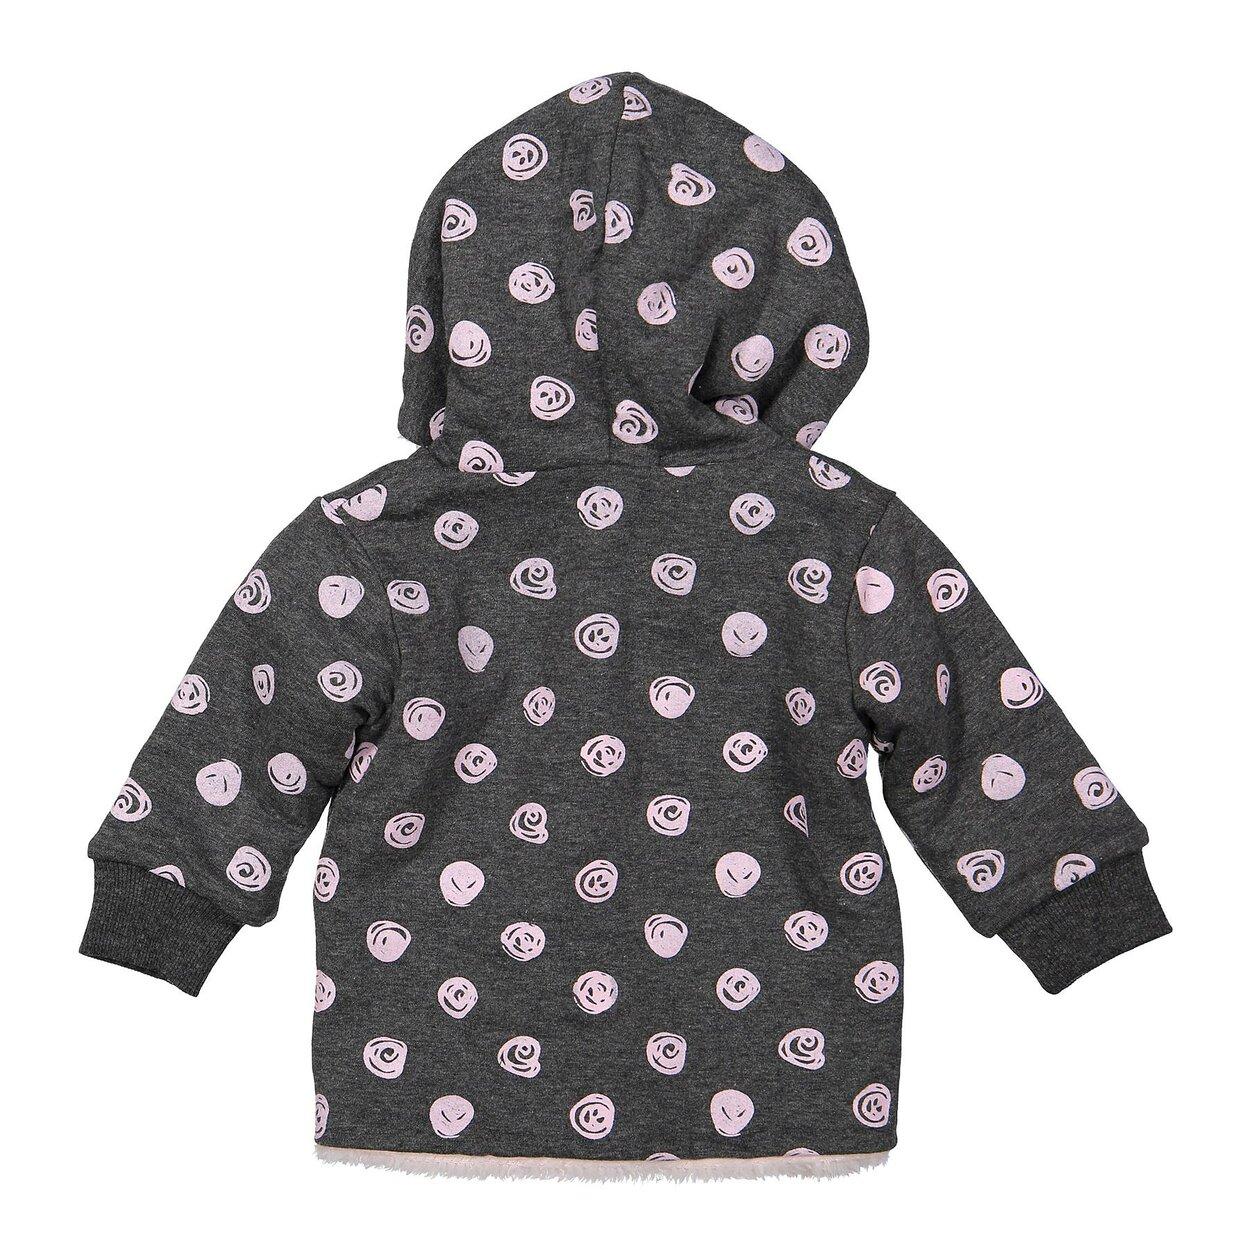 95539d171929 ... Mikina s kožušinkou Z-SO SOFT HUNNY BUNNY Dark grey melee + Light pink  dots 92. 30%